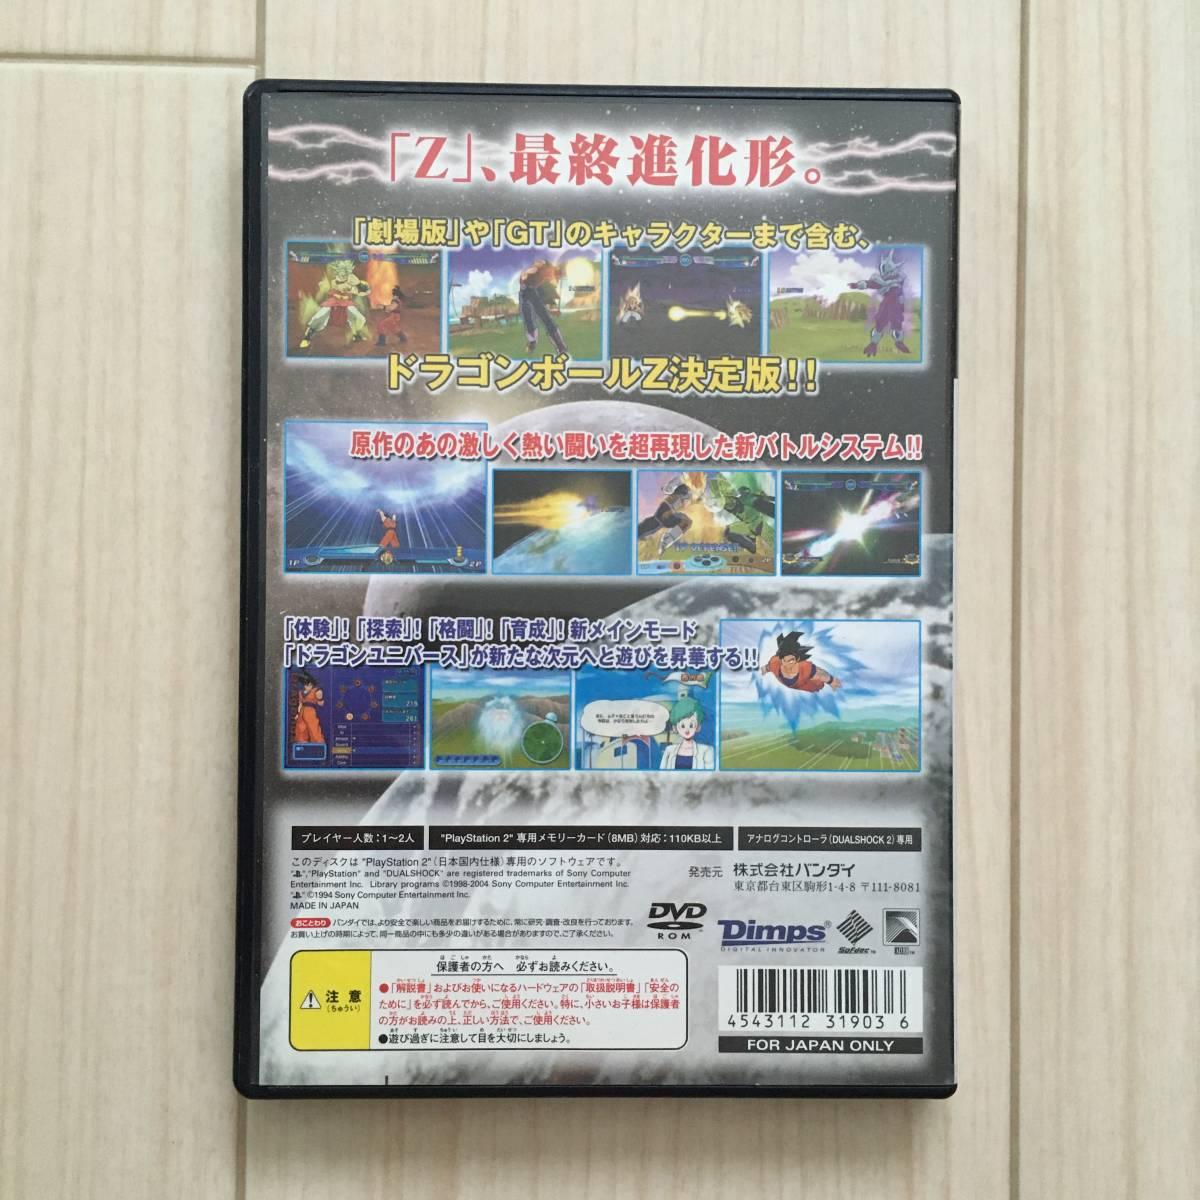 ドラゴンボールZ3 PS2ソフト プレステ2ソフト_画像2